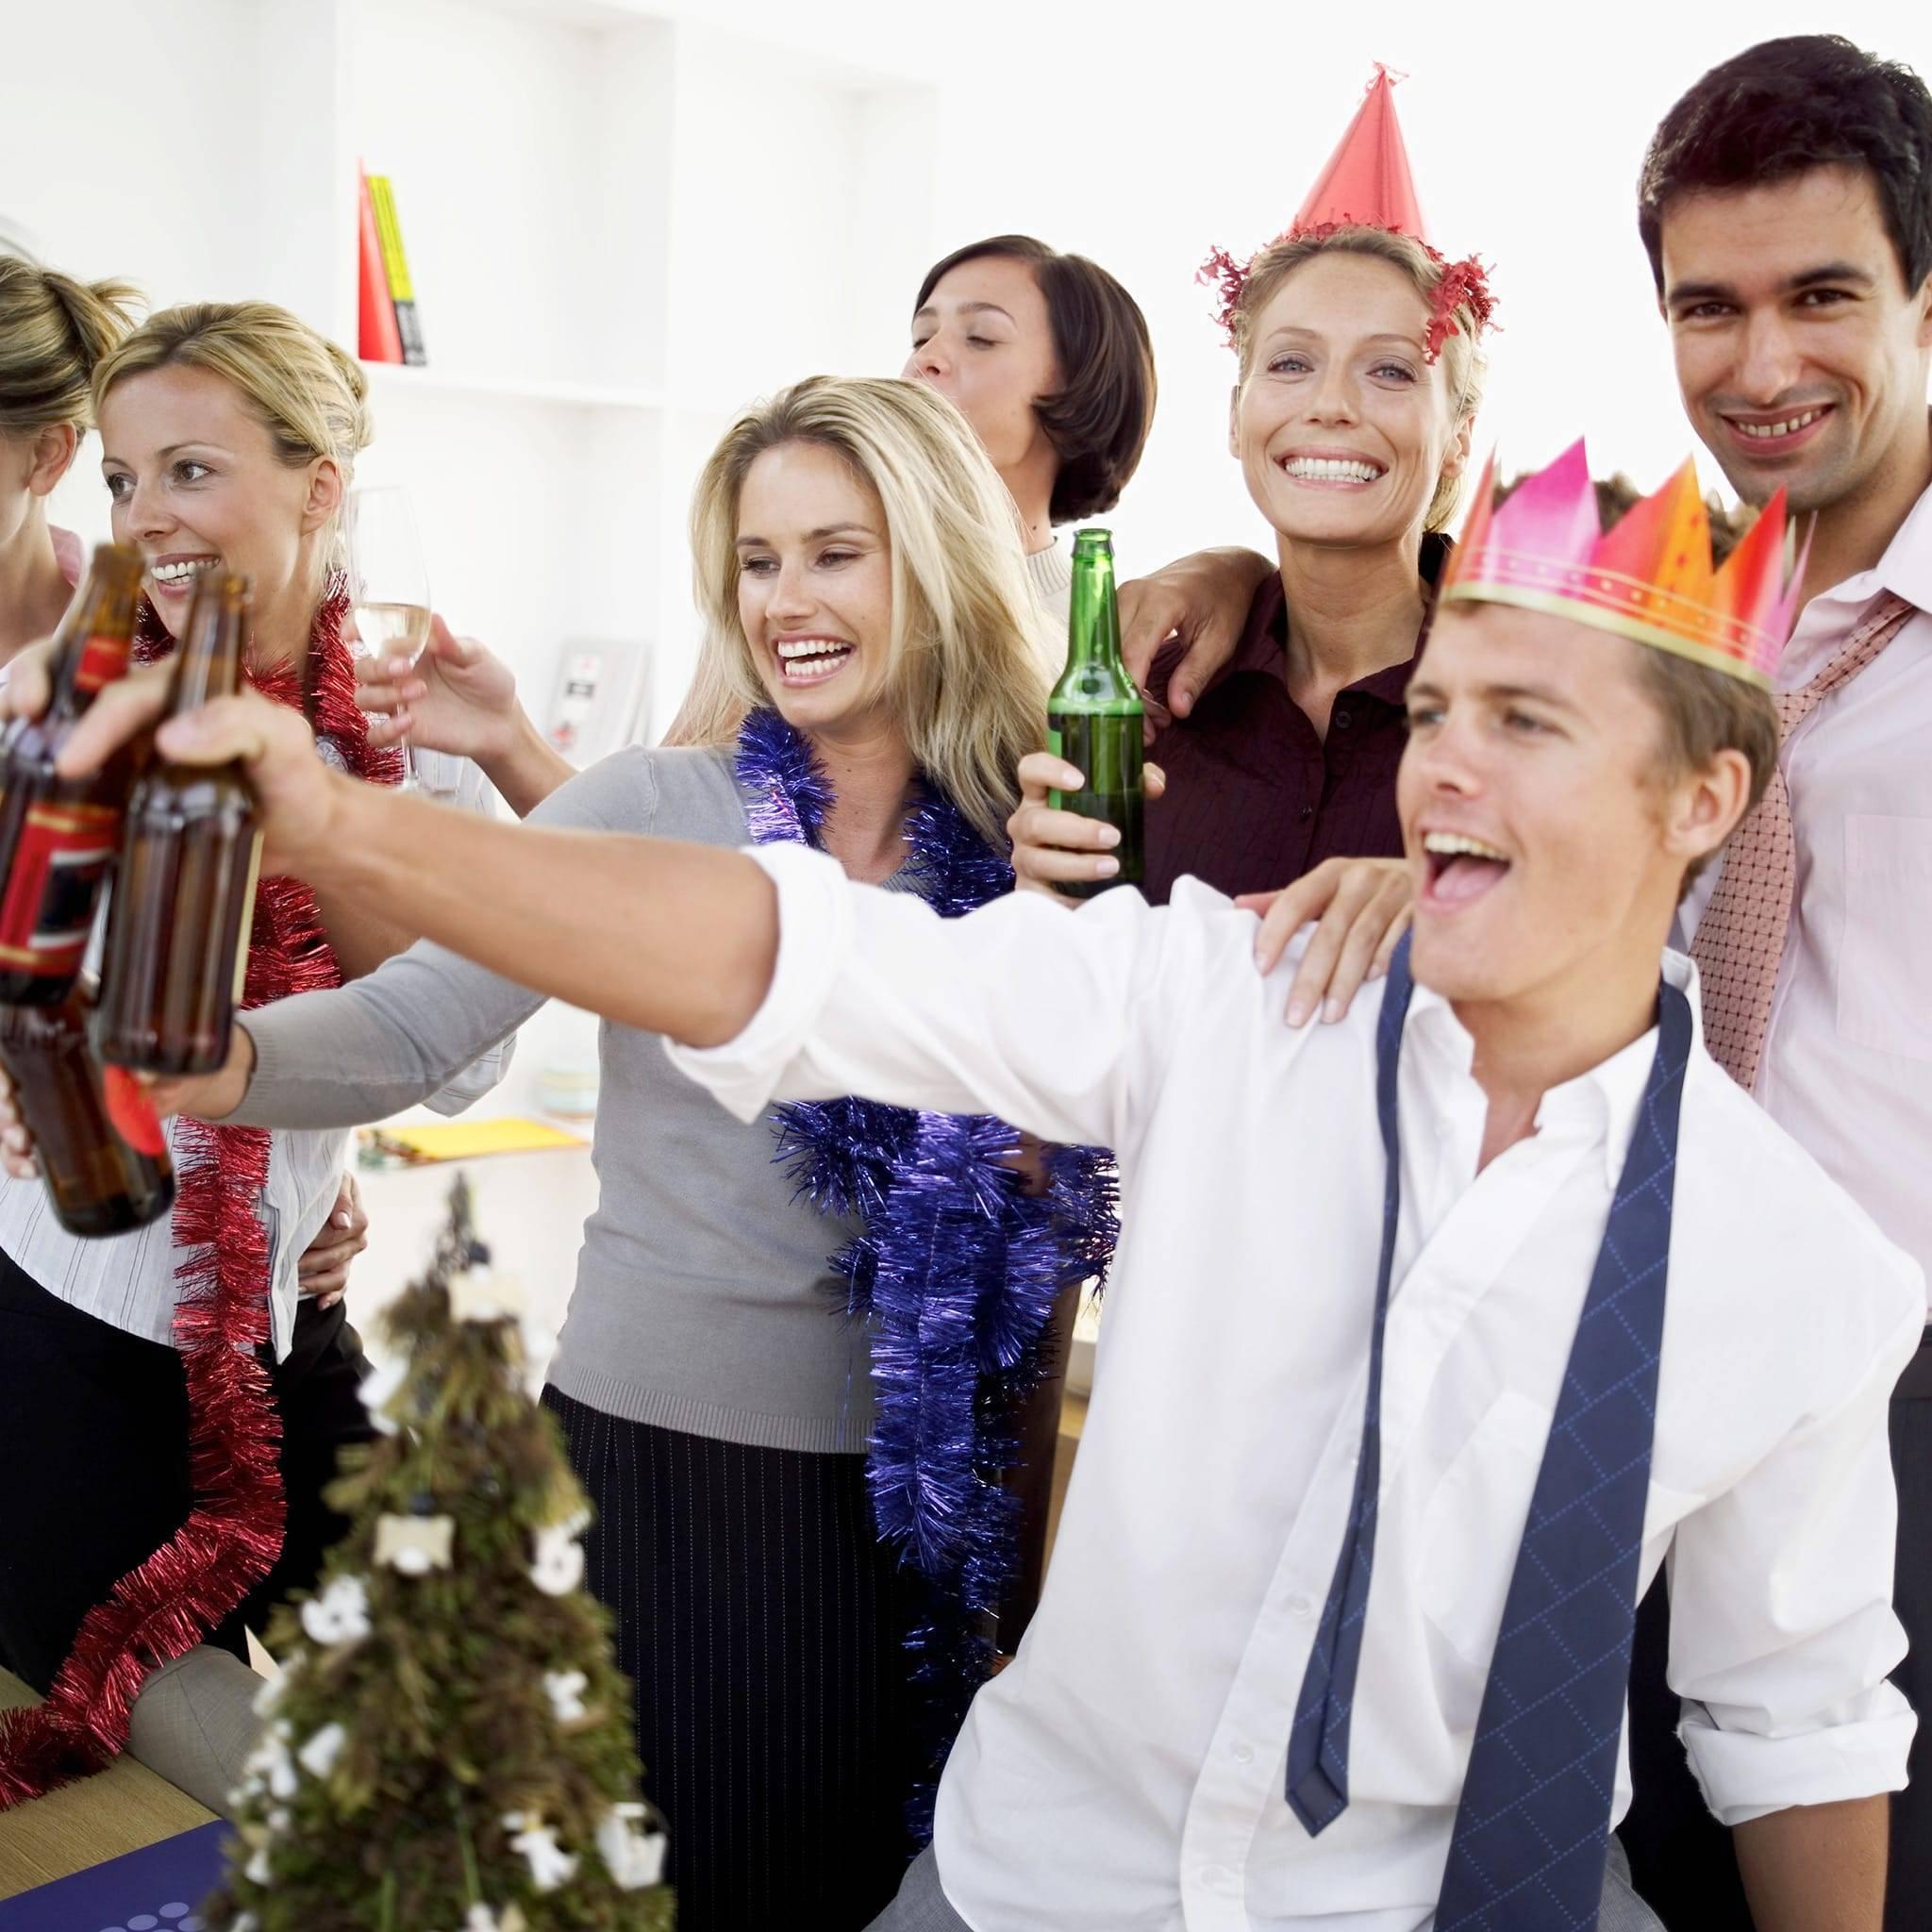 Встречаем год лошади с размахом: незабываемый корпоратив на Новый год !